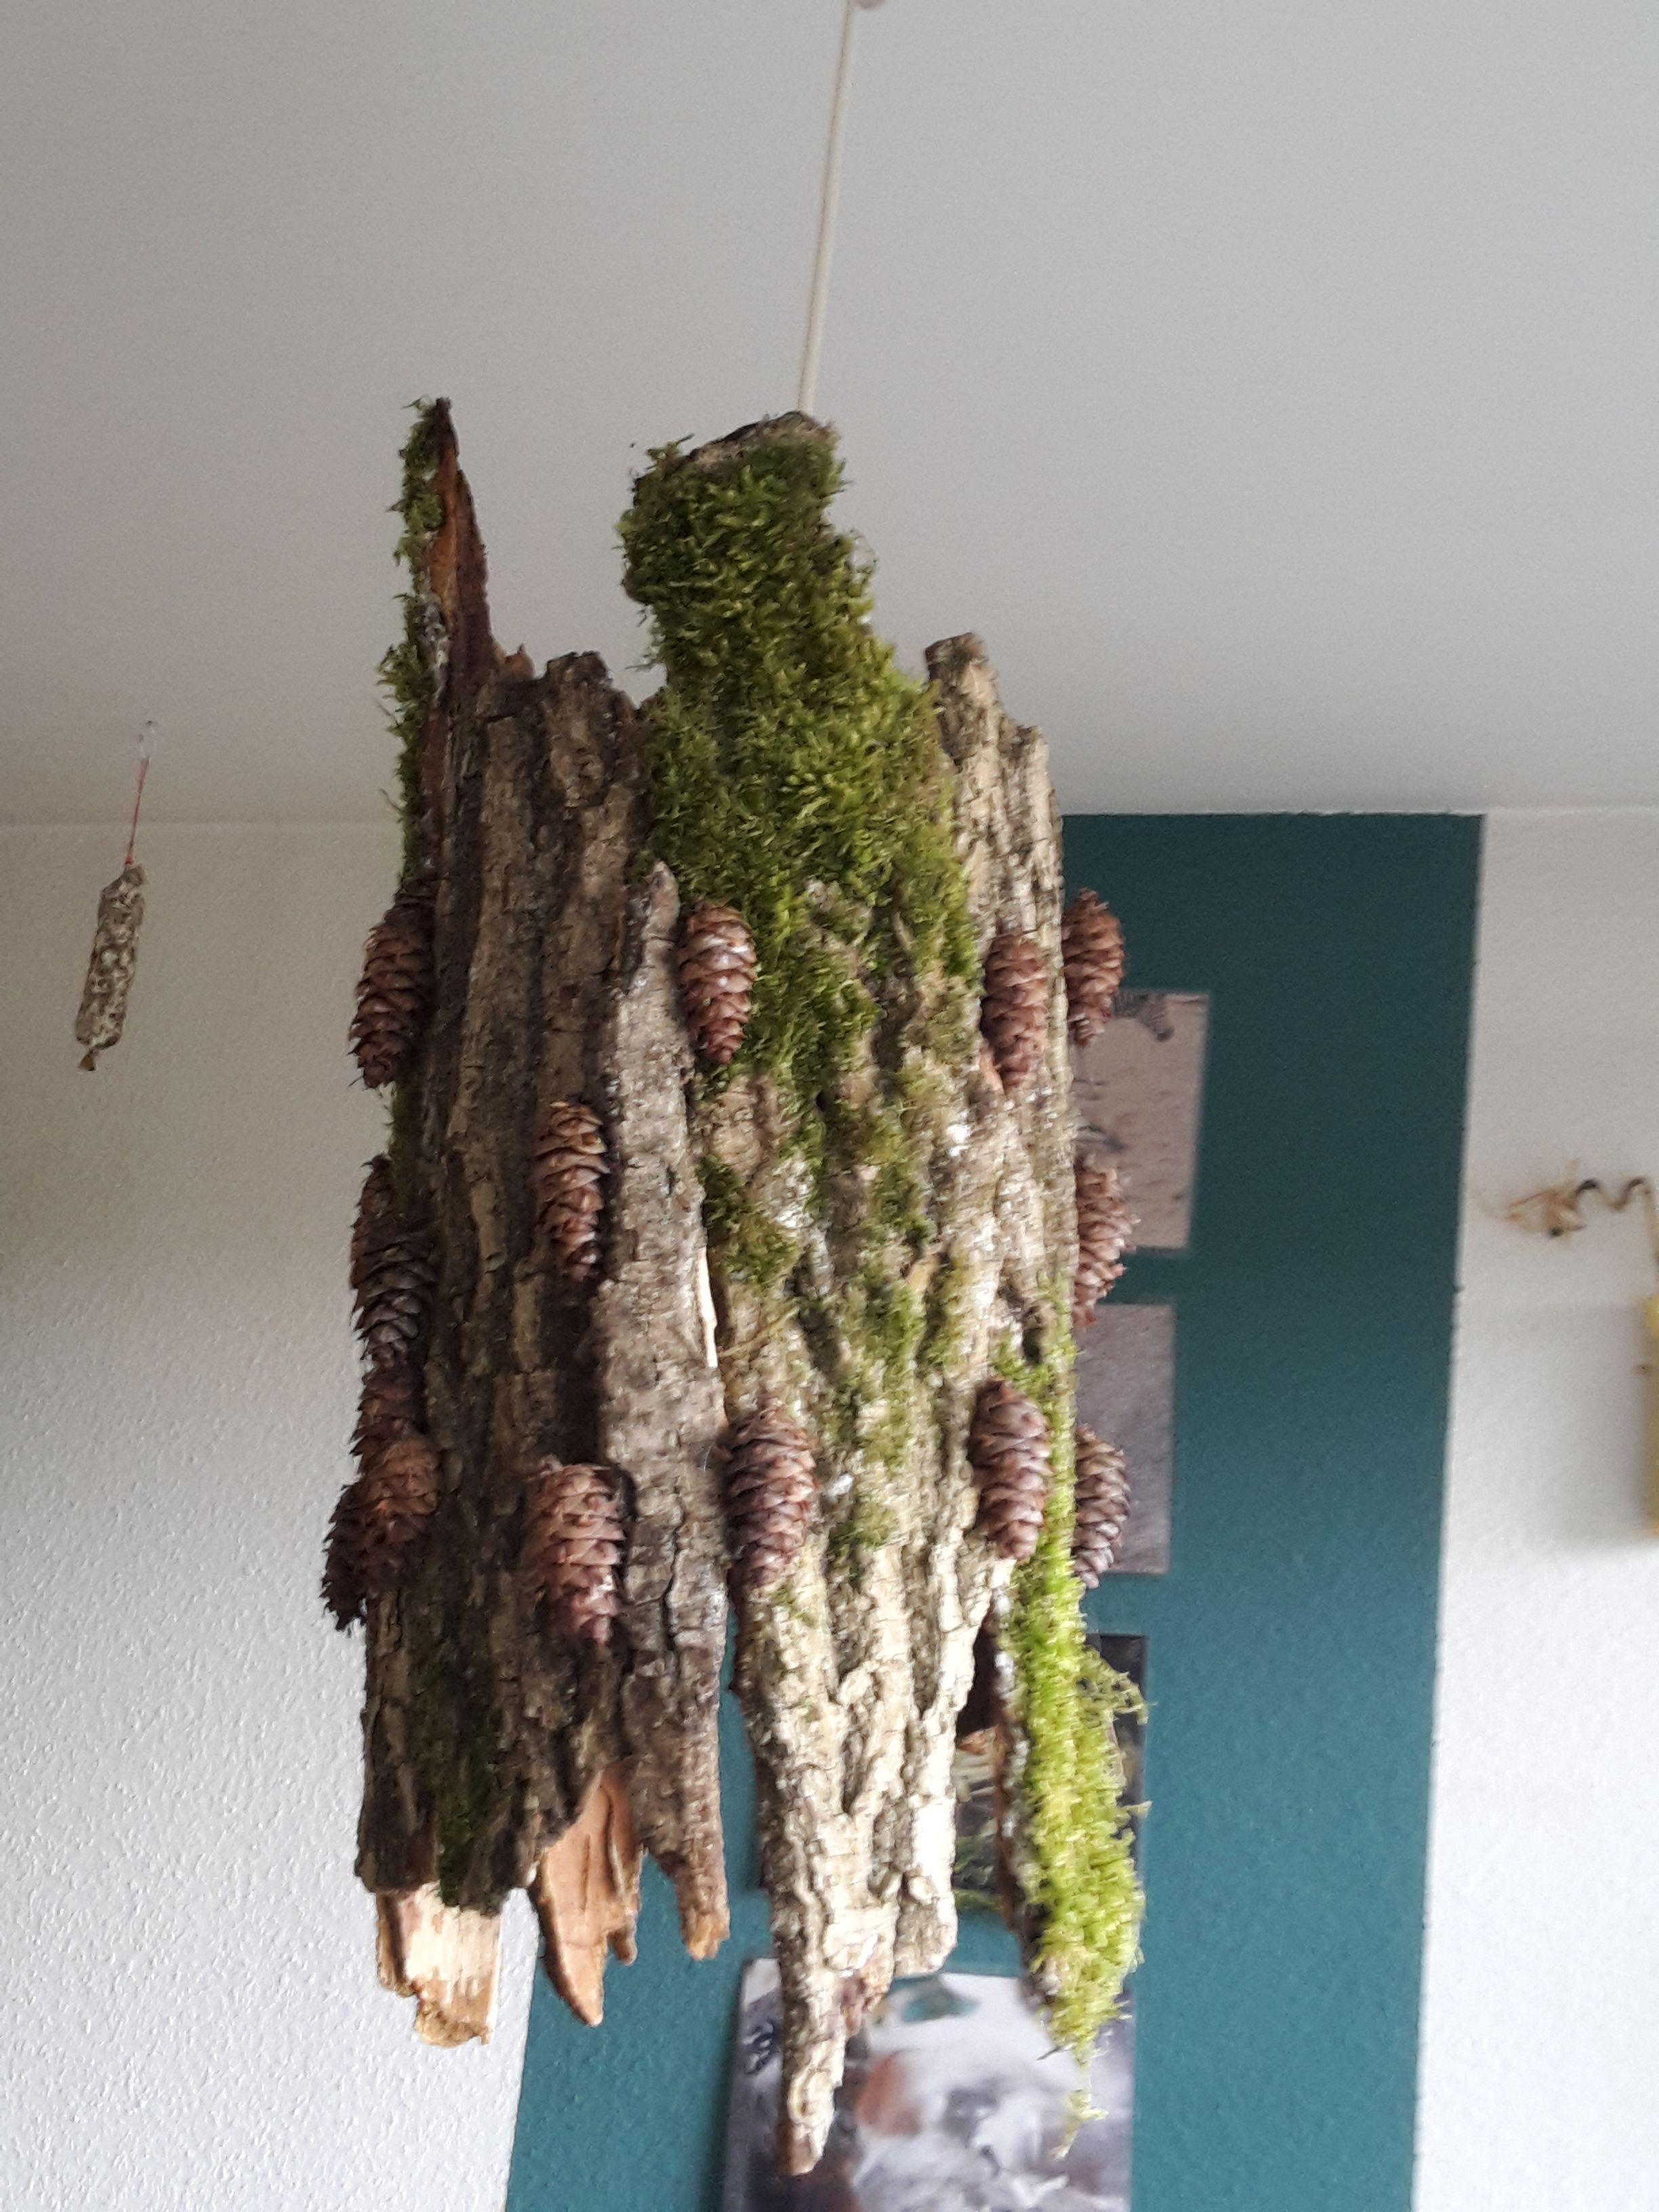 selbst gebastelte lampe aus baumrinde crafts pinterest baumrinde lampen und rinde. Black Bedroom Furniture Sets. Home Design Ideas